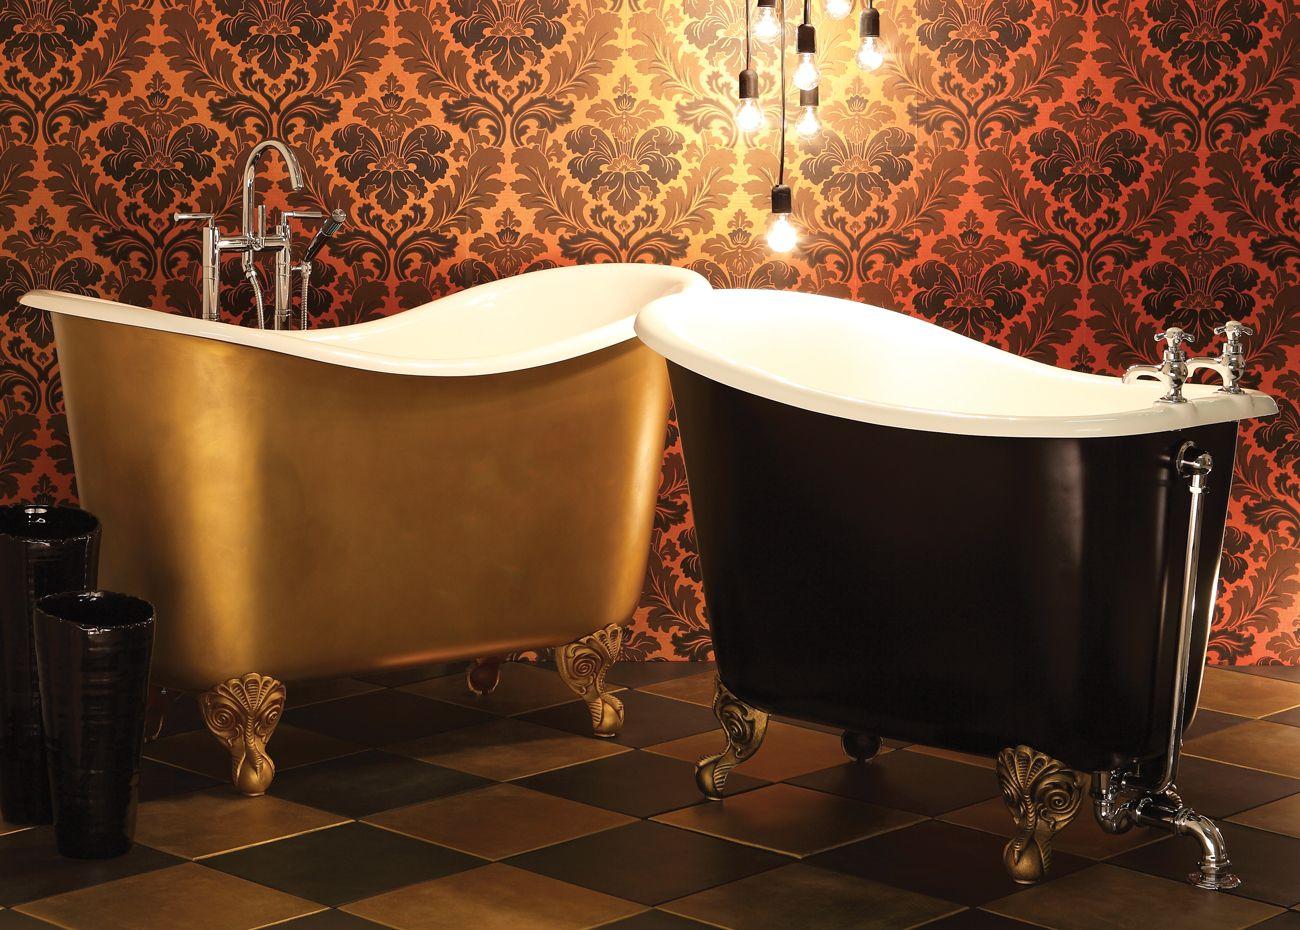 Badkamer met bad op pootjes klassieke schoonheid een badkuip op